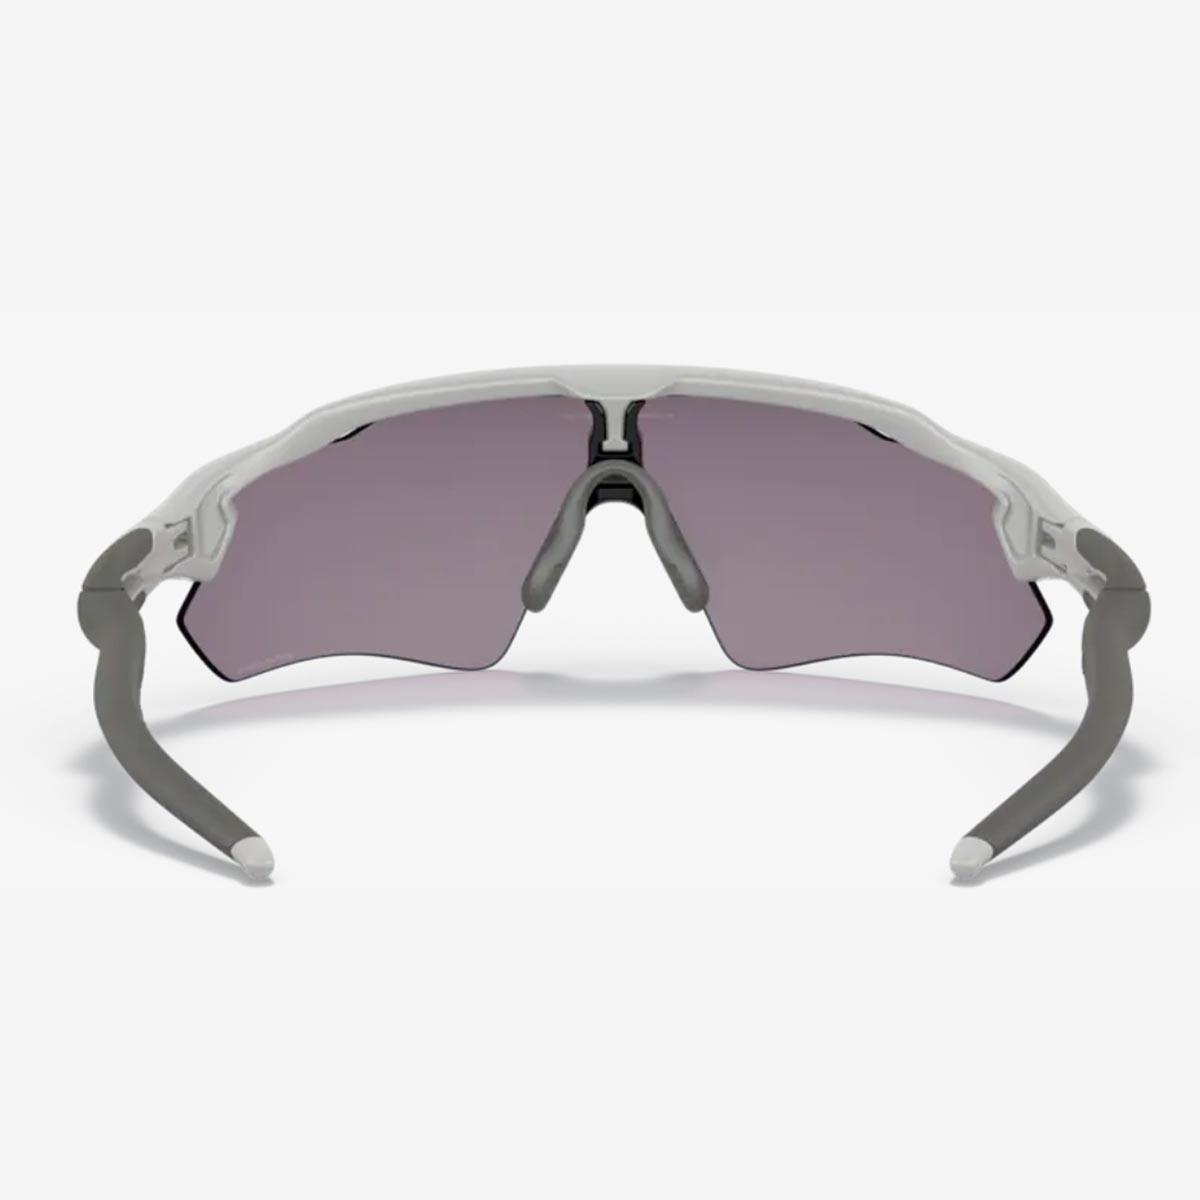 Oculos Para Ciclismo Oakley Radar Ev Path Cinza Fosco Com Lente Prizm Cinza Escura